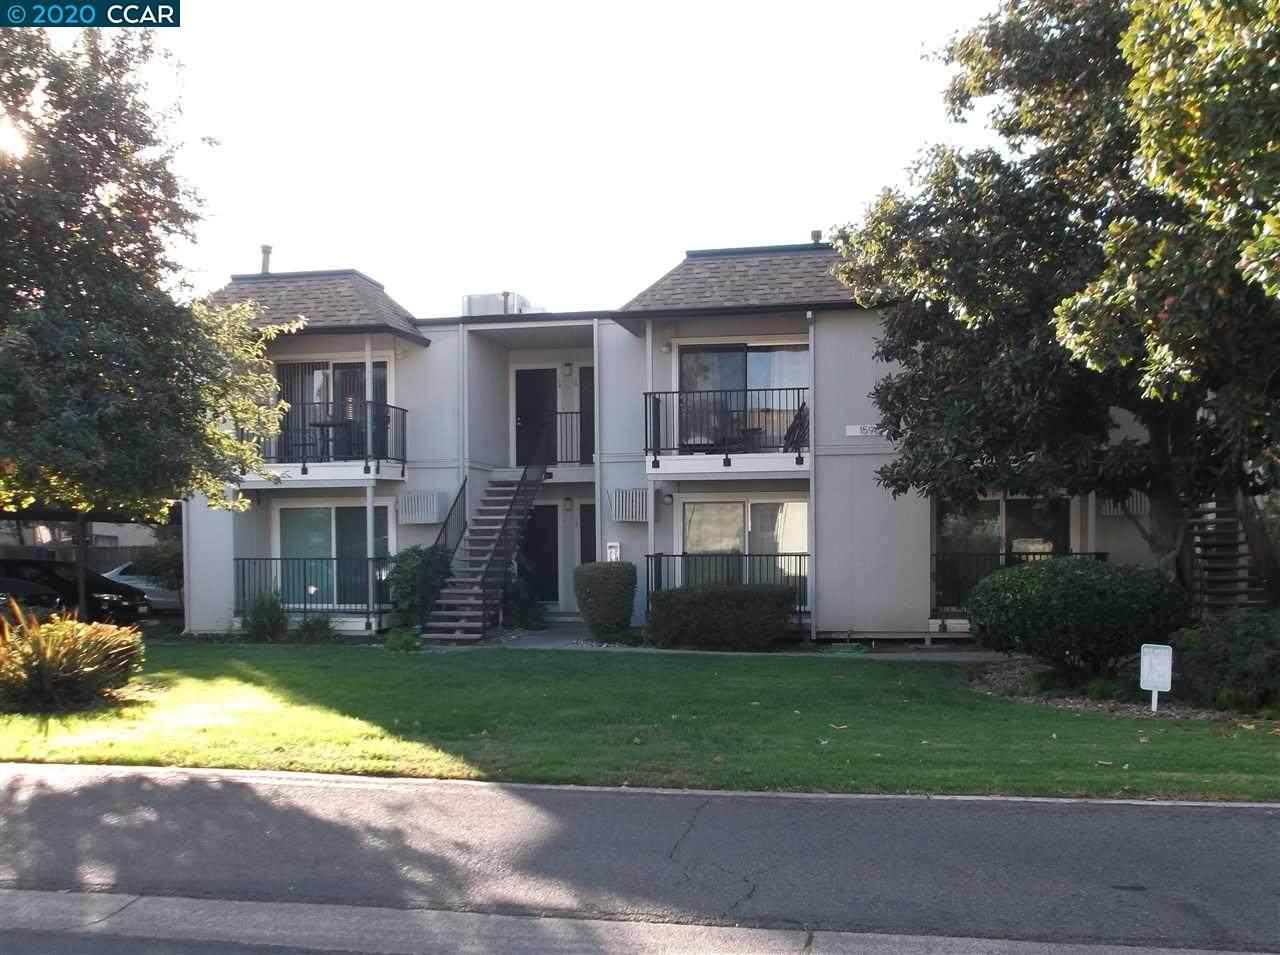 1590 Sunnyvale Ave 31 - Photo 1